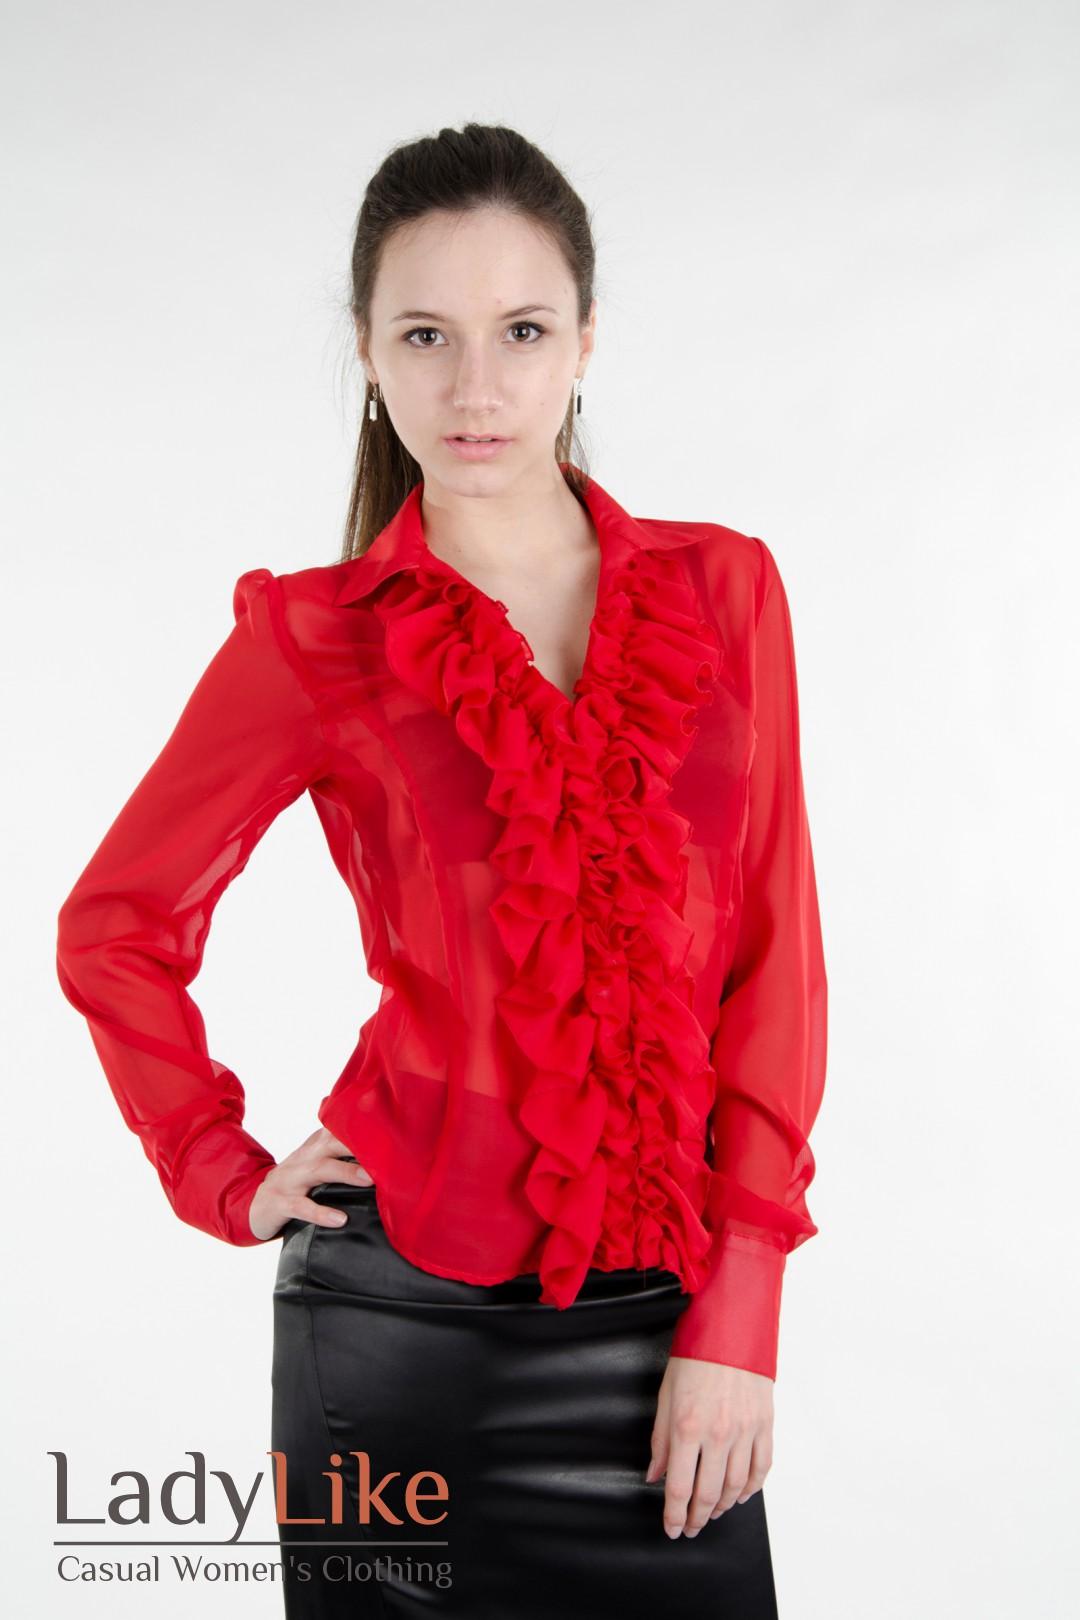 Купить Красную Блузку В Новосибирске